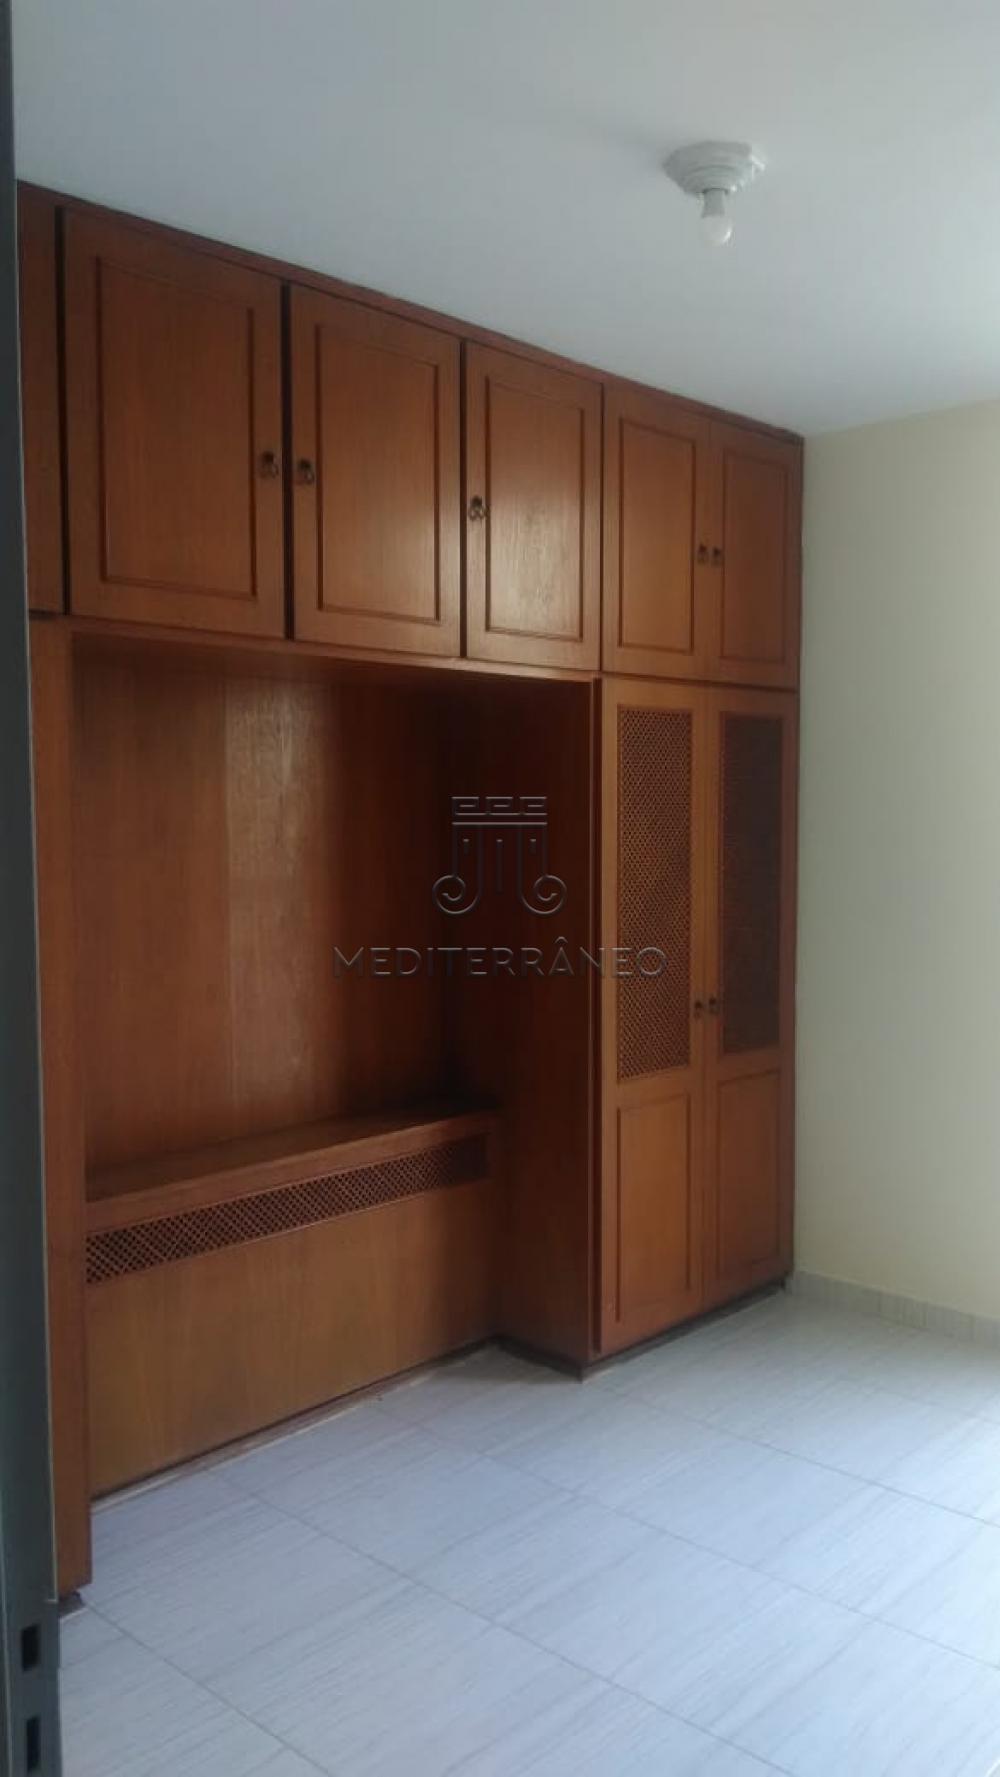 Alugar Apartamento / Padrão em Jundiaí apenas R$ 1.000,00 - Foto 5